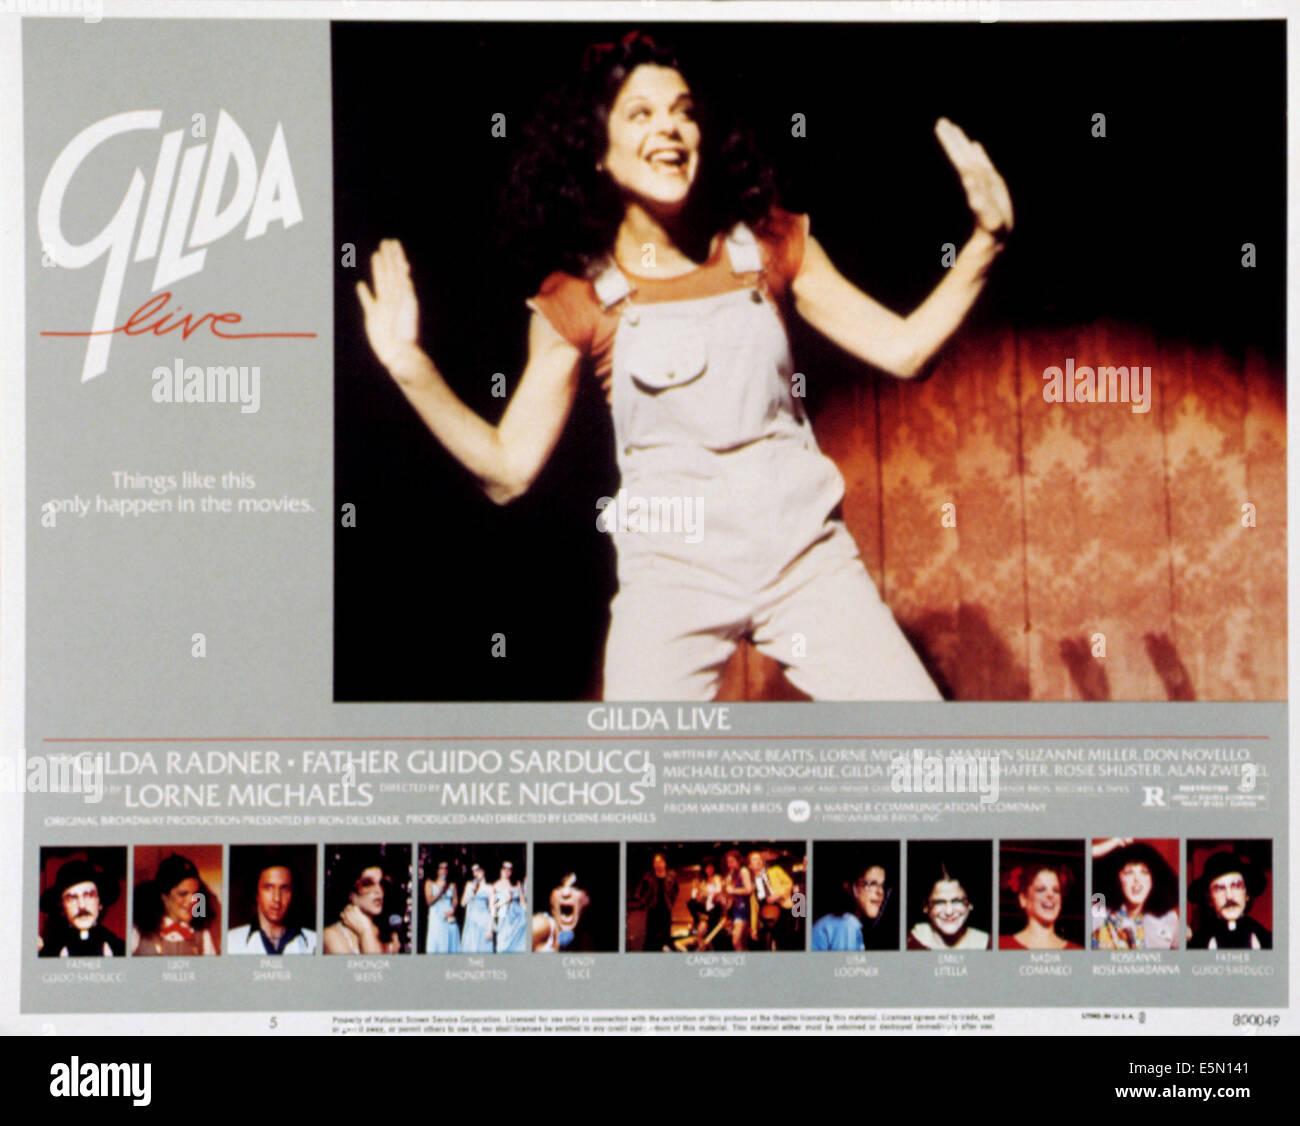 gilda-live-gilda-radner-movie-poster-198